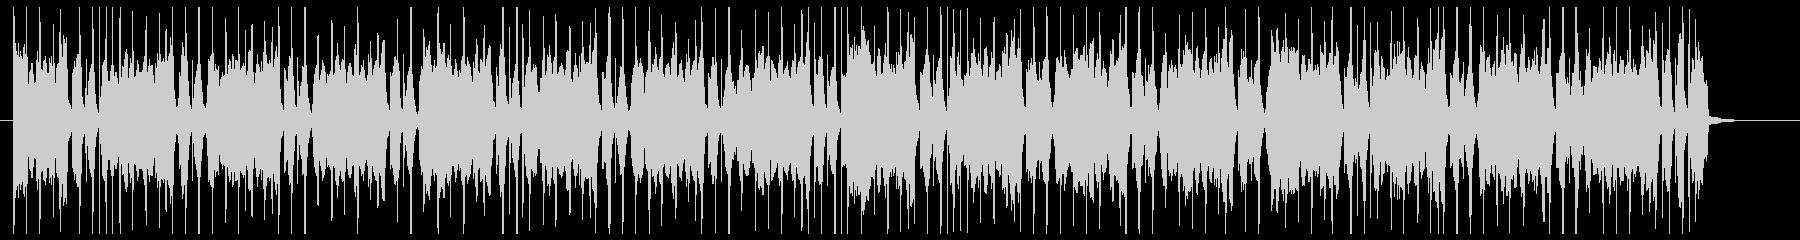 チェロが主体のスタイリッシュなCM音楽の未再生の波形